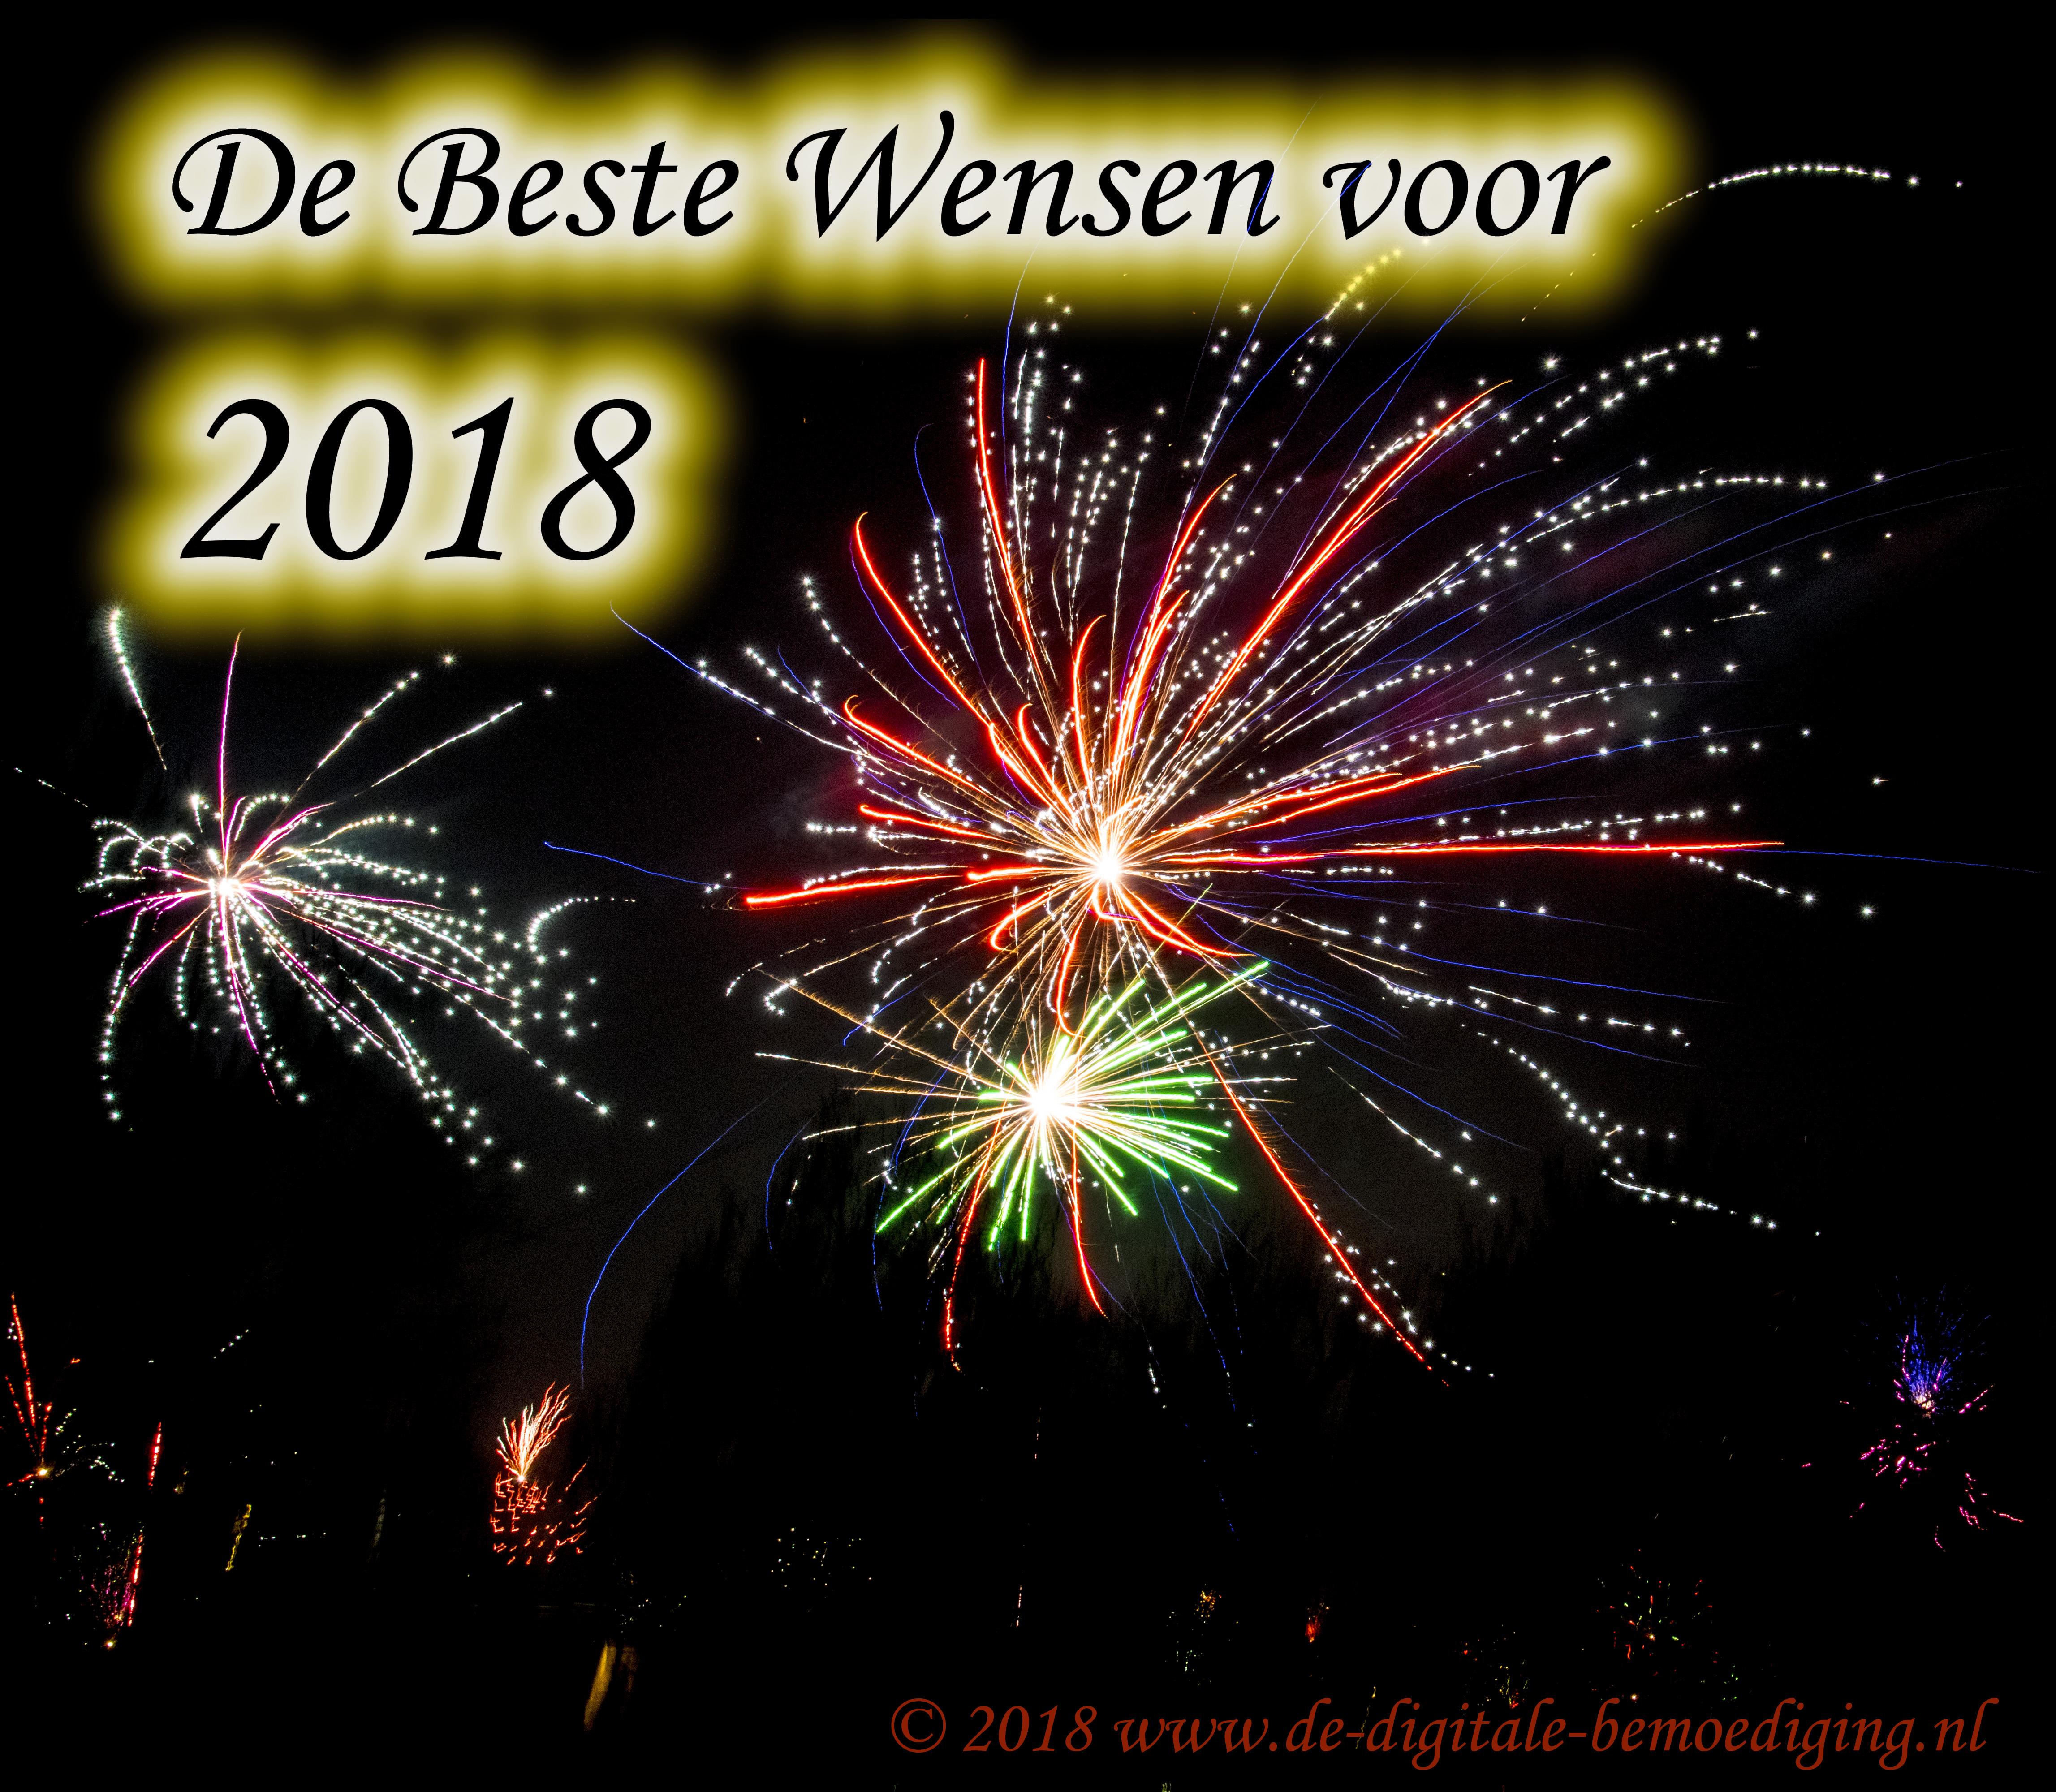 De Beste Wensen 2018!